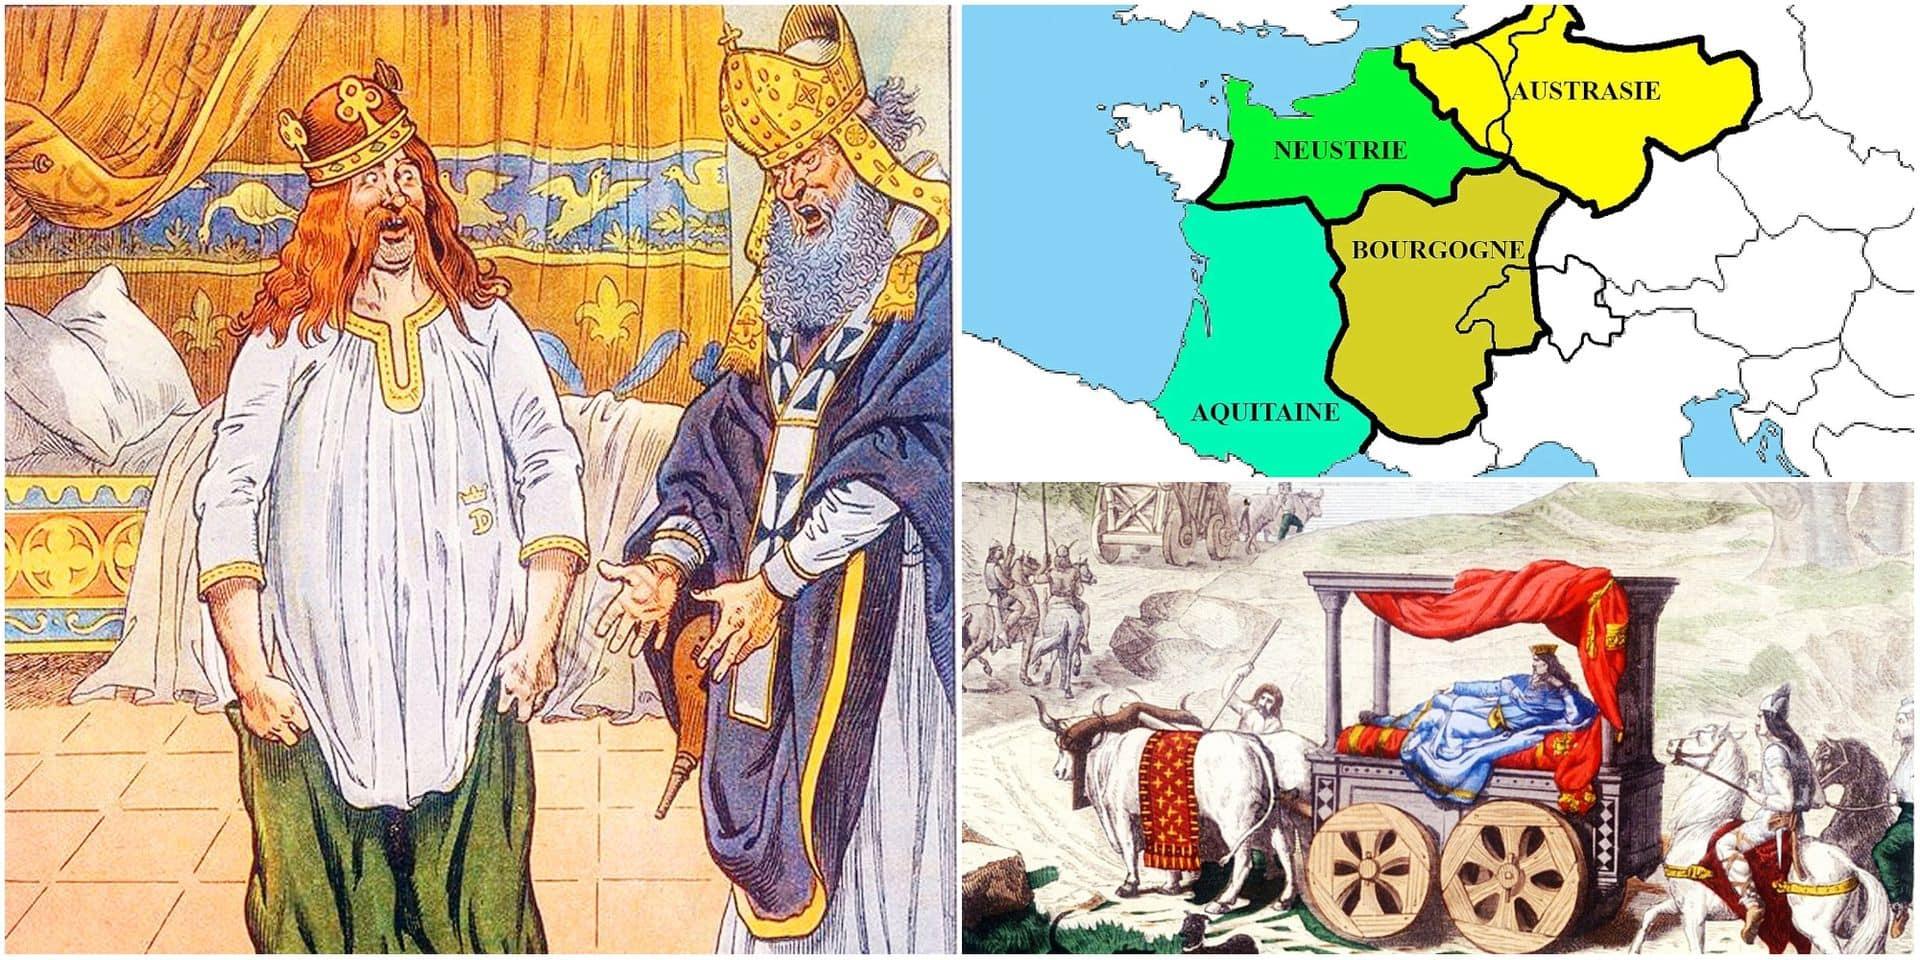 Il y a 1300 ans: les fils du bon roi Dagobert ou les rois fainéants